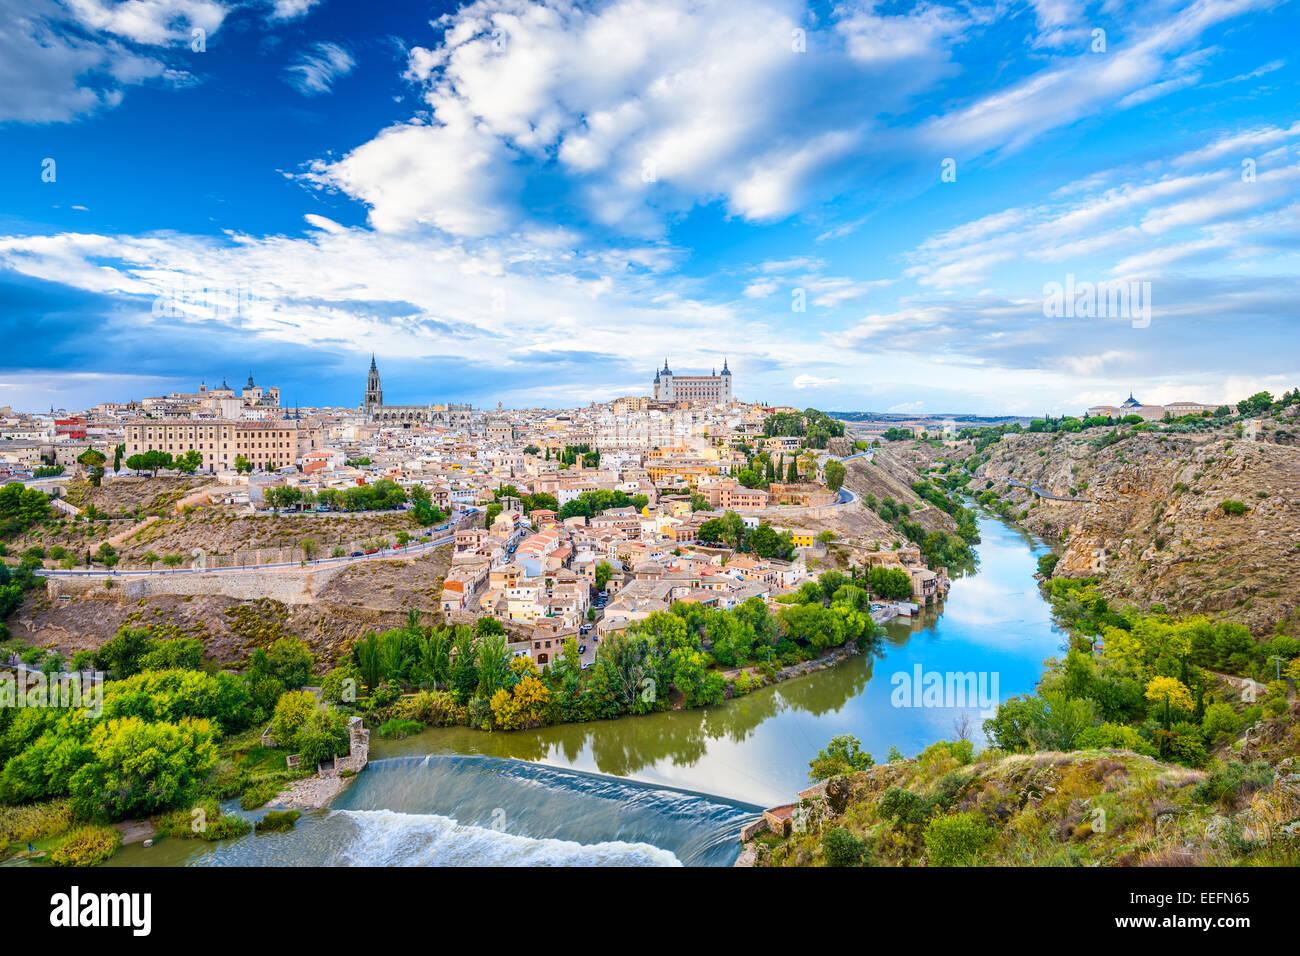 Toledo, Spain old town city skyline. Stock Photo